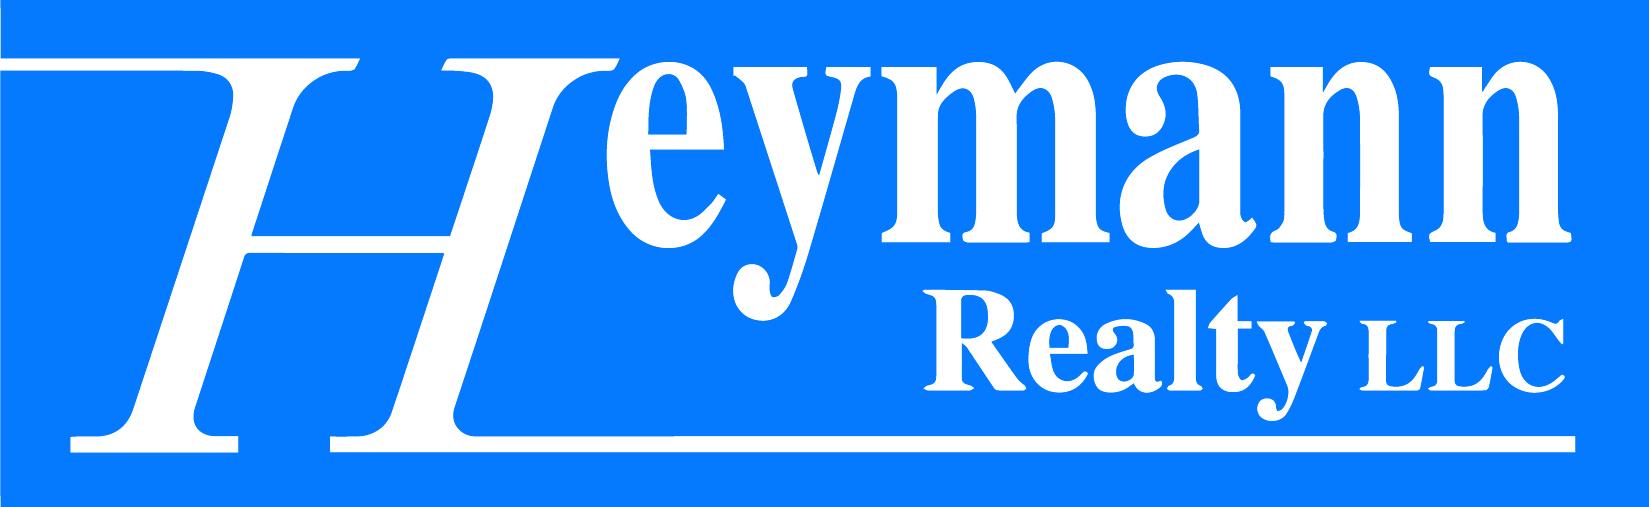 Heymann Realty